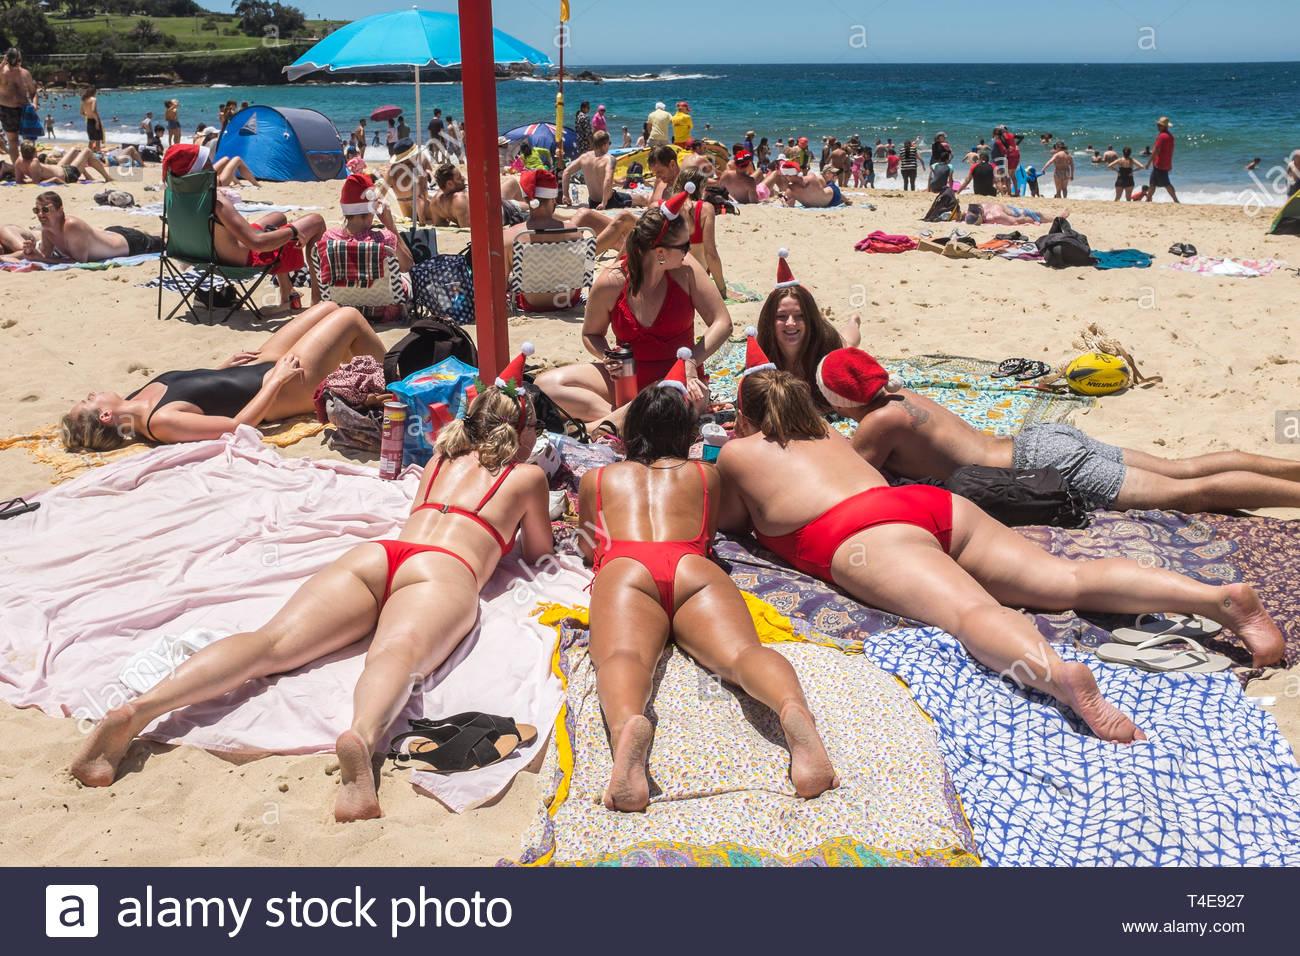 """Australia: Đếm ngược thời gian kích hoạt """"lộ trình tự do"""" với các """"chân dài bikini sexy"""" lại tràn xuống bãi biển - Ảnh 4."""